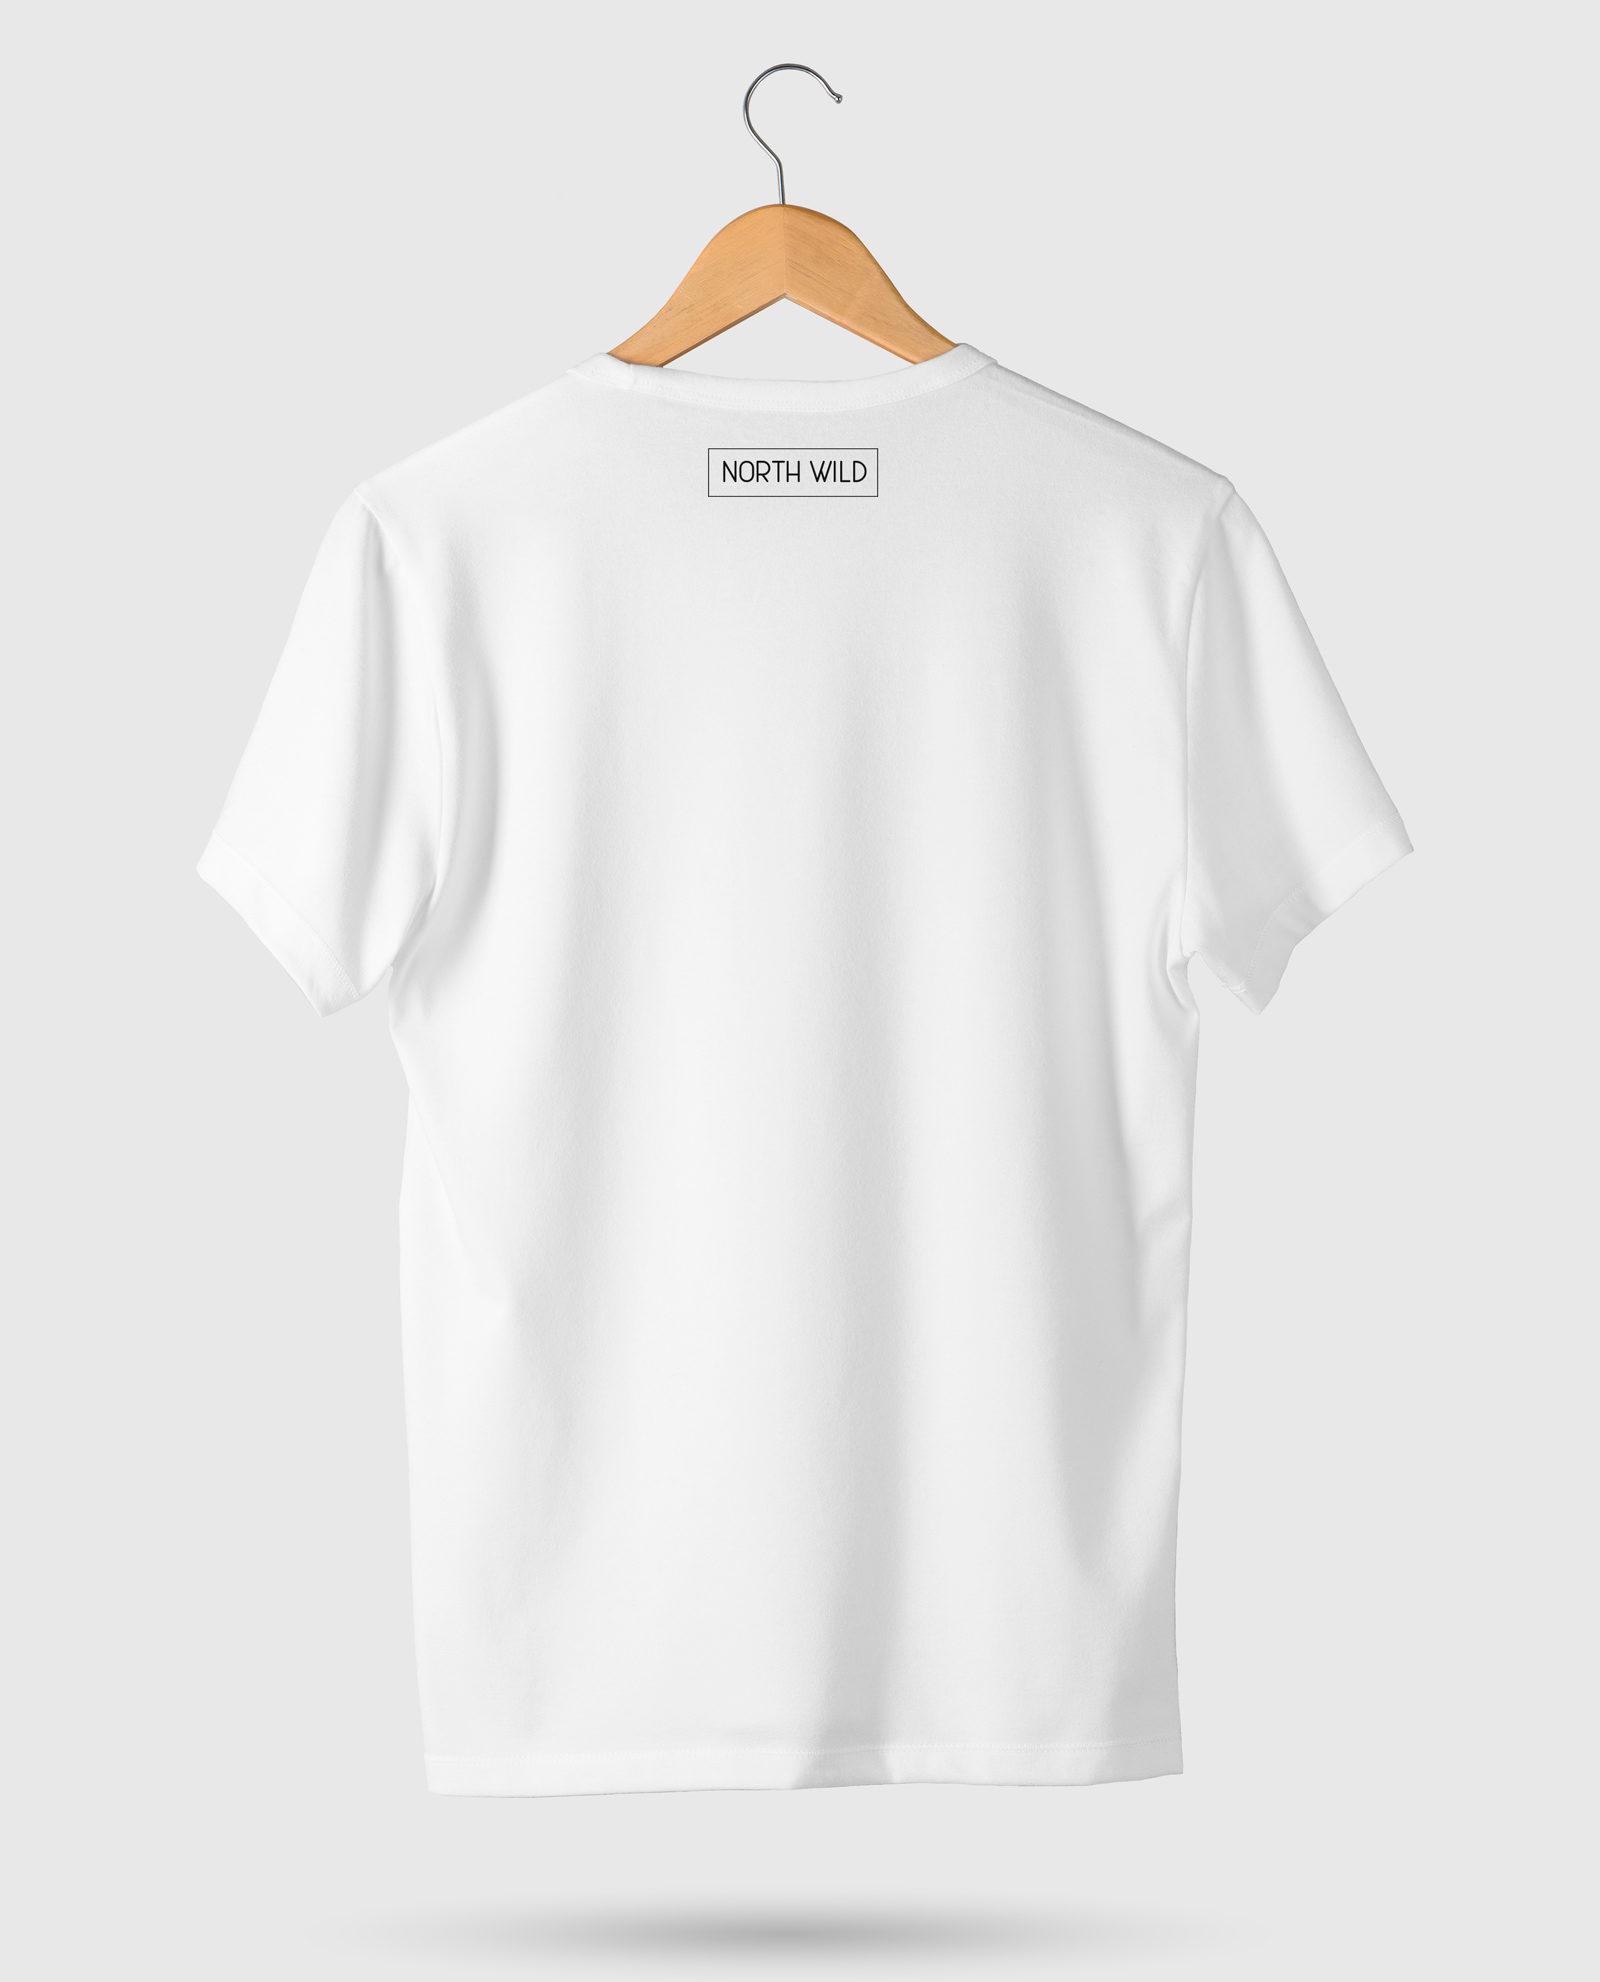 Camisetas Northwild